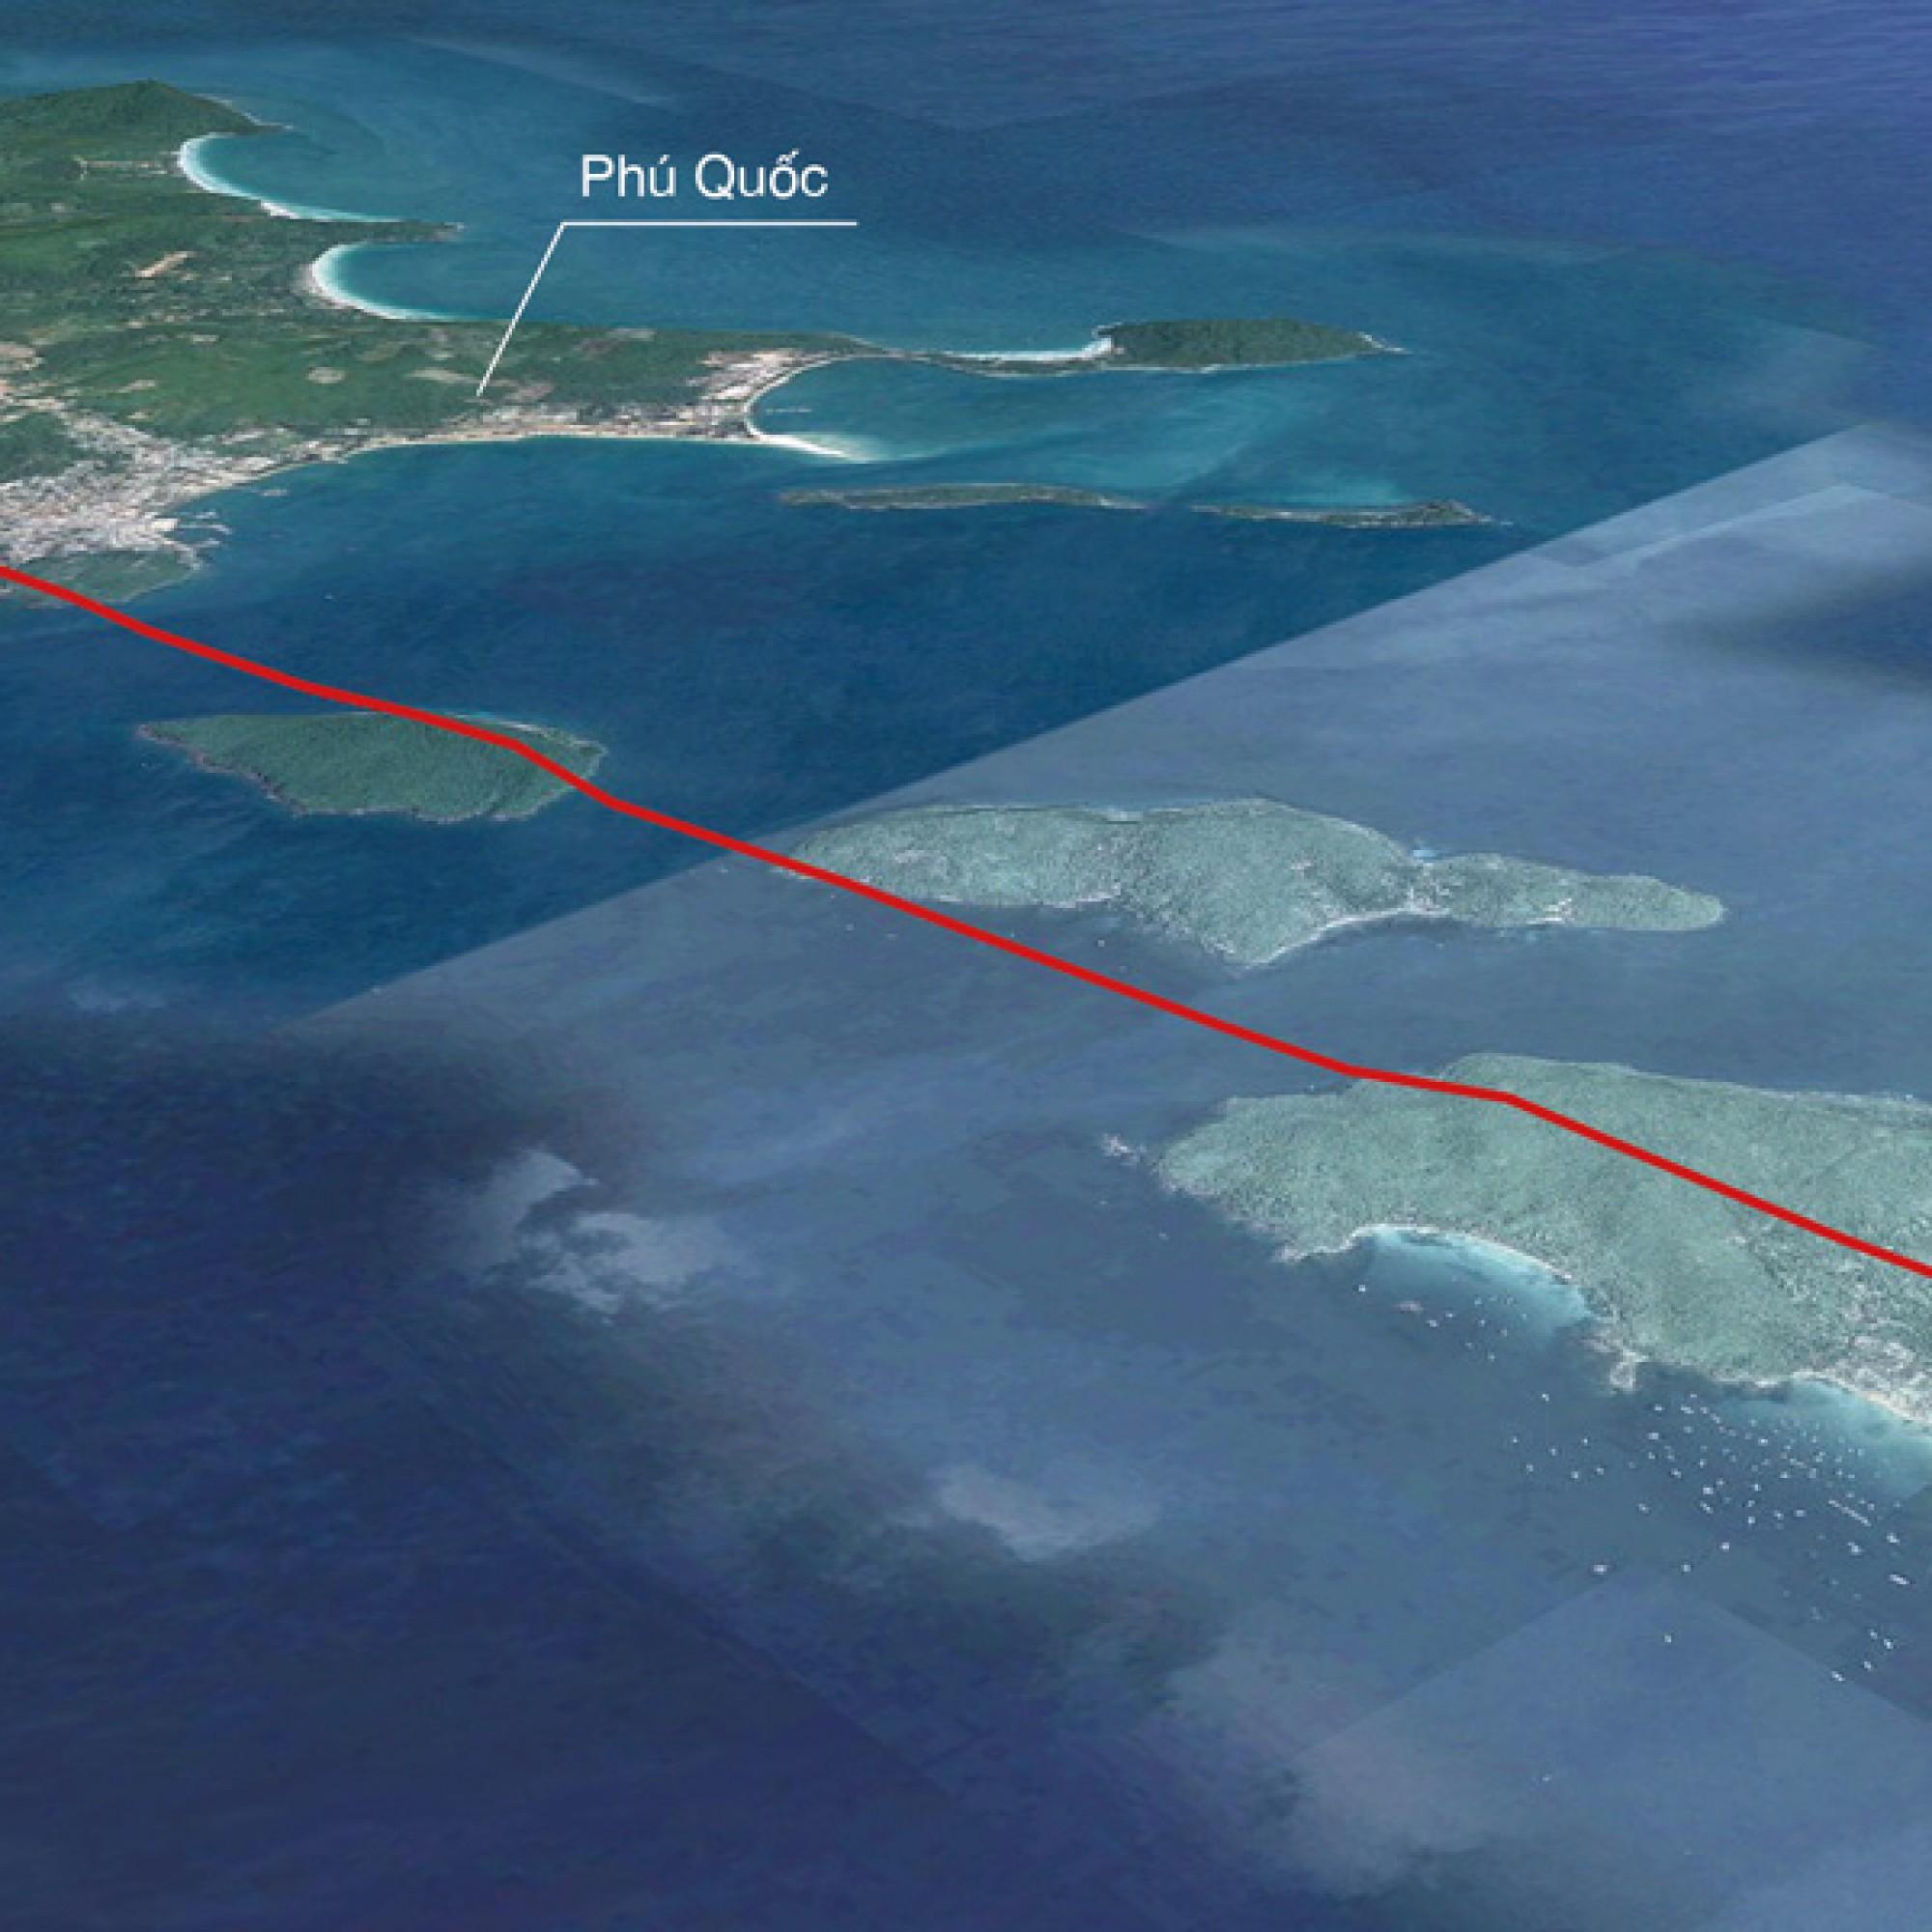 Die Seilbahn wird die Inseln Phú Quốc und Hòn Thơm verbinden. (Visualisierung Doppelmayr)